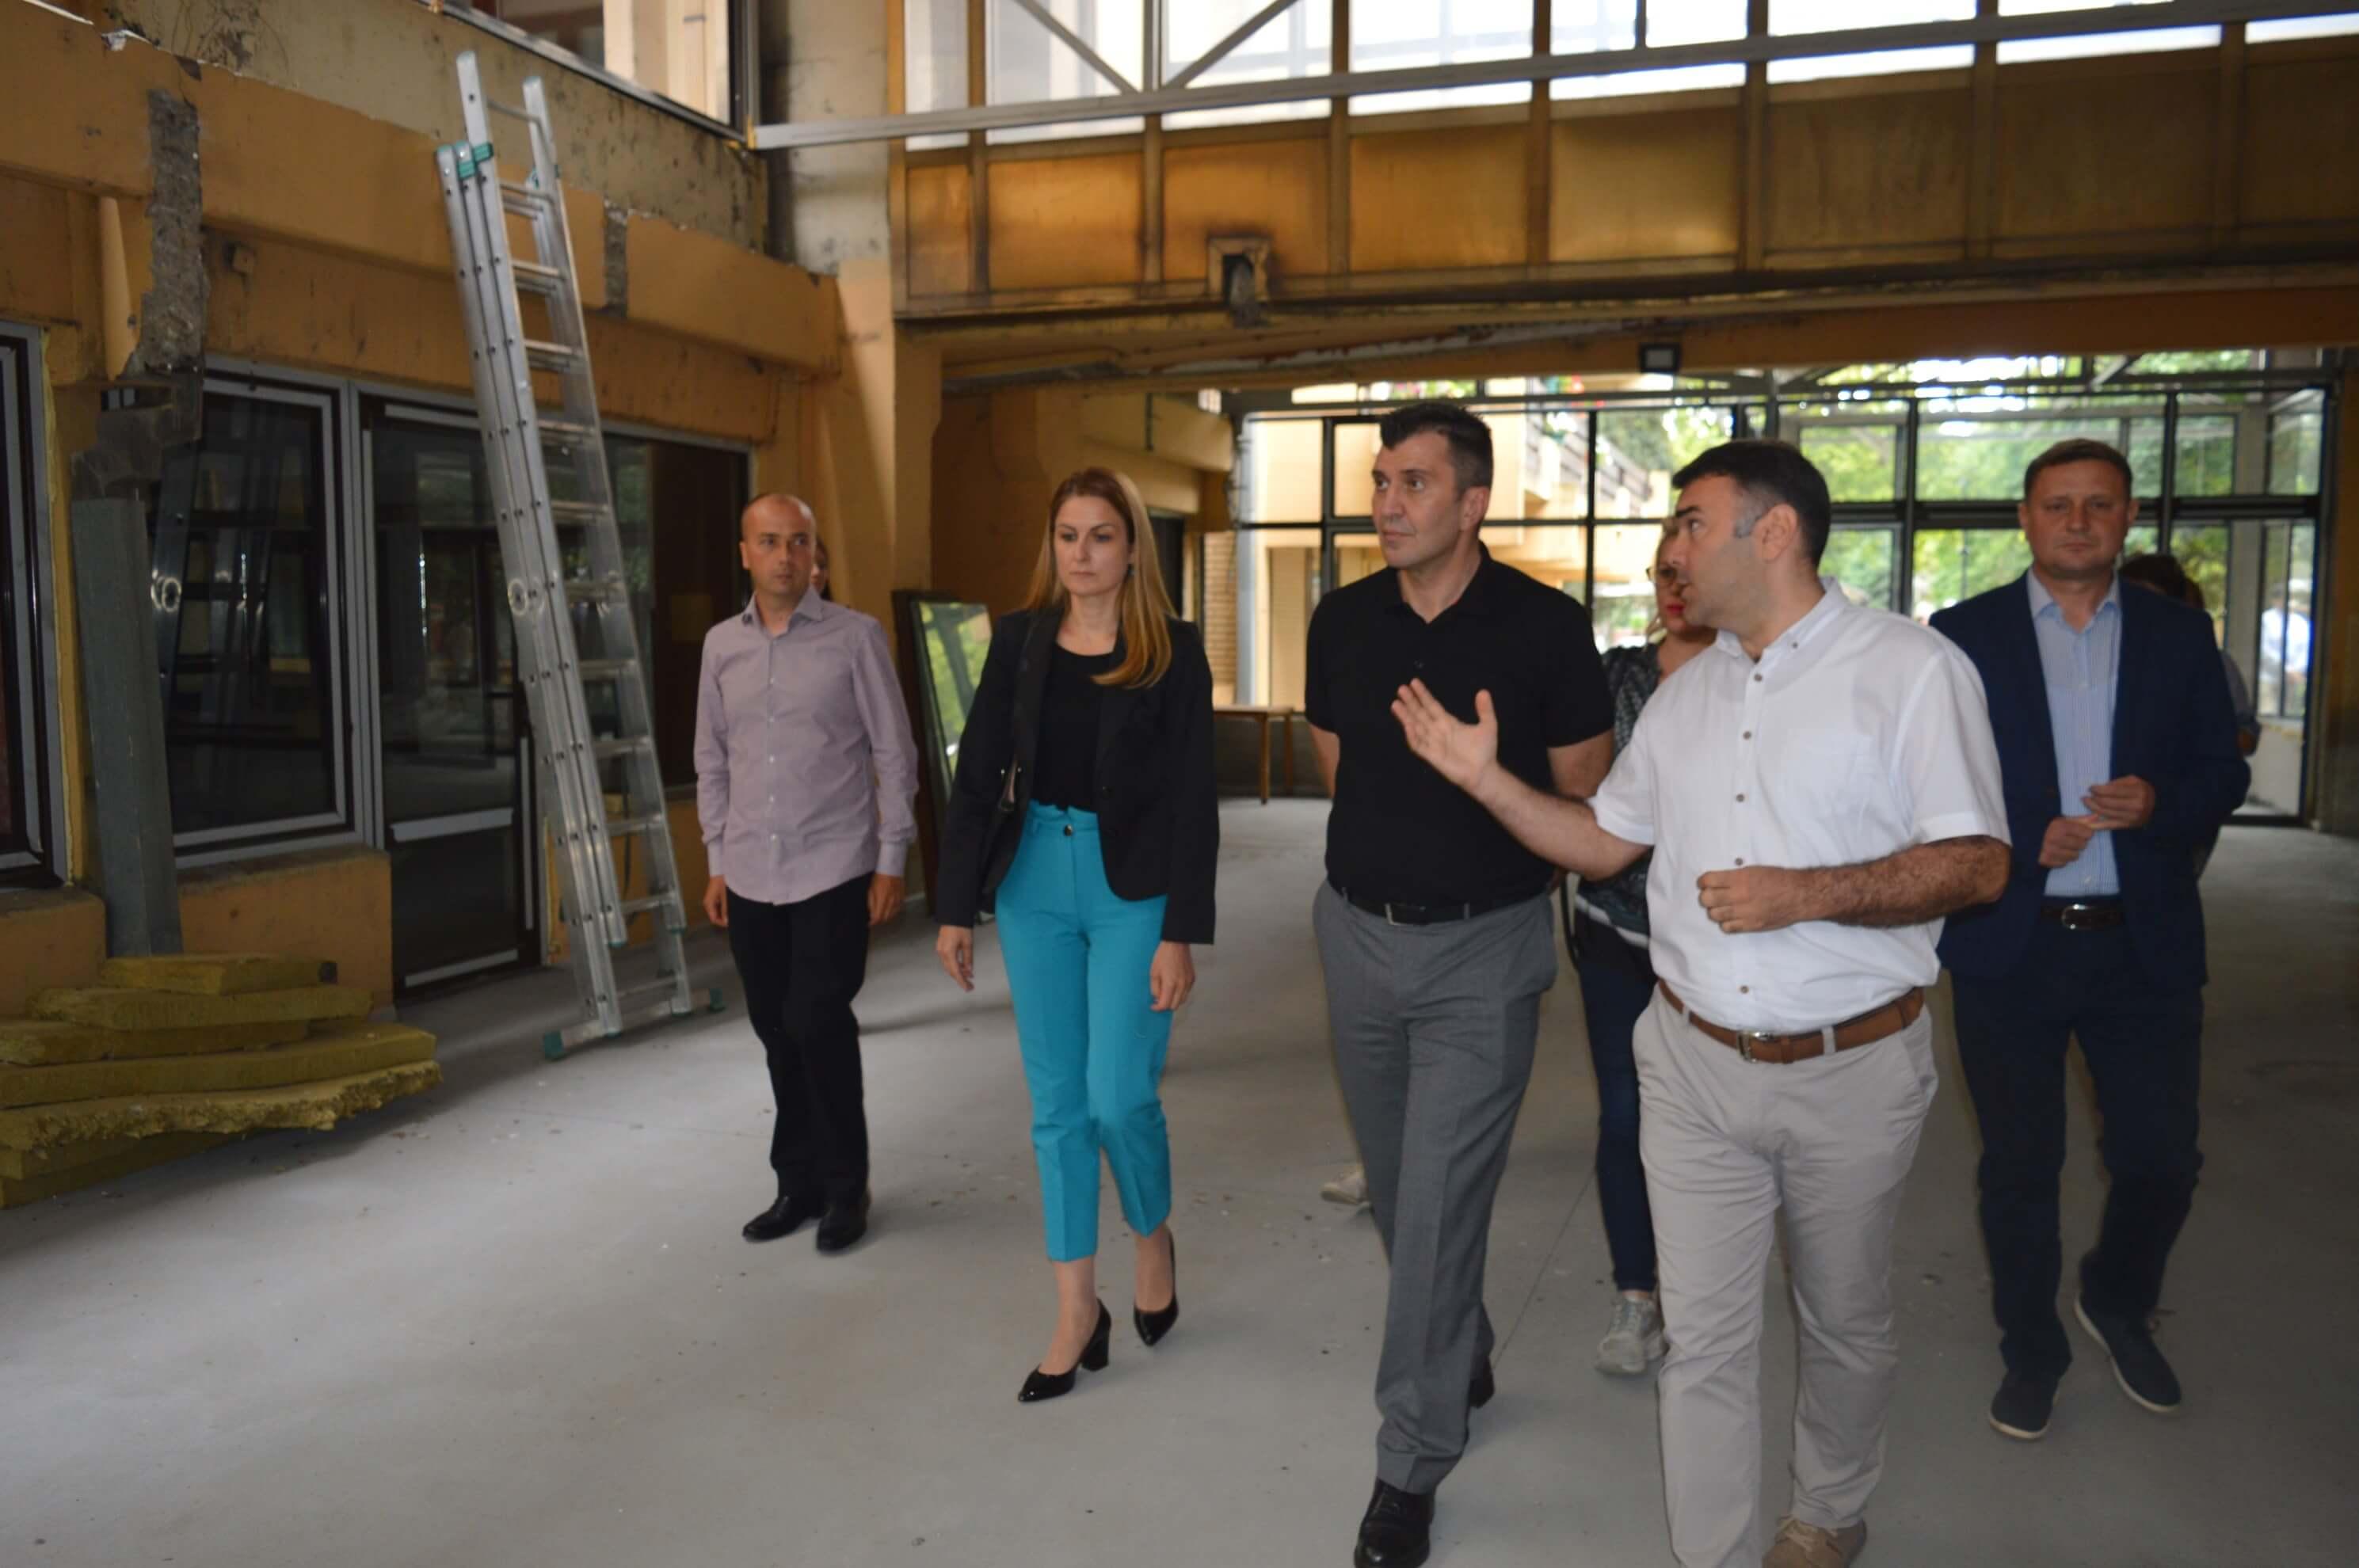 Министар Зоран Ђорђевић и градоначелница Сомбора Душанка Голубовић са сарадницима обишли су радове на реконструкцији Геронтолошког центра Сомбор